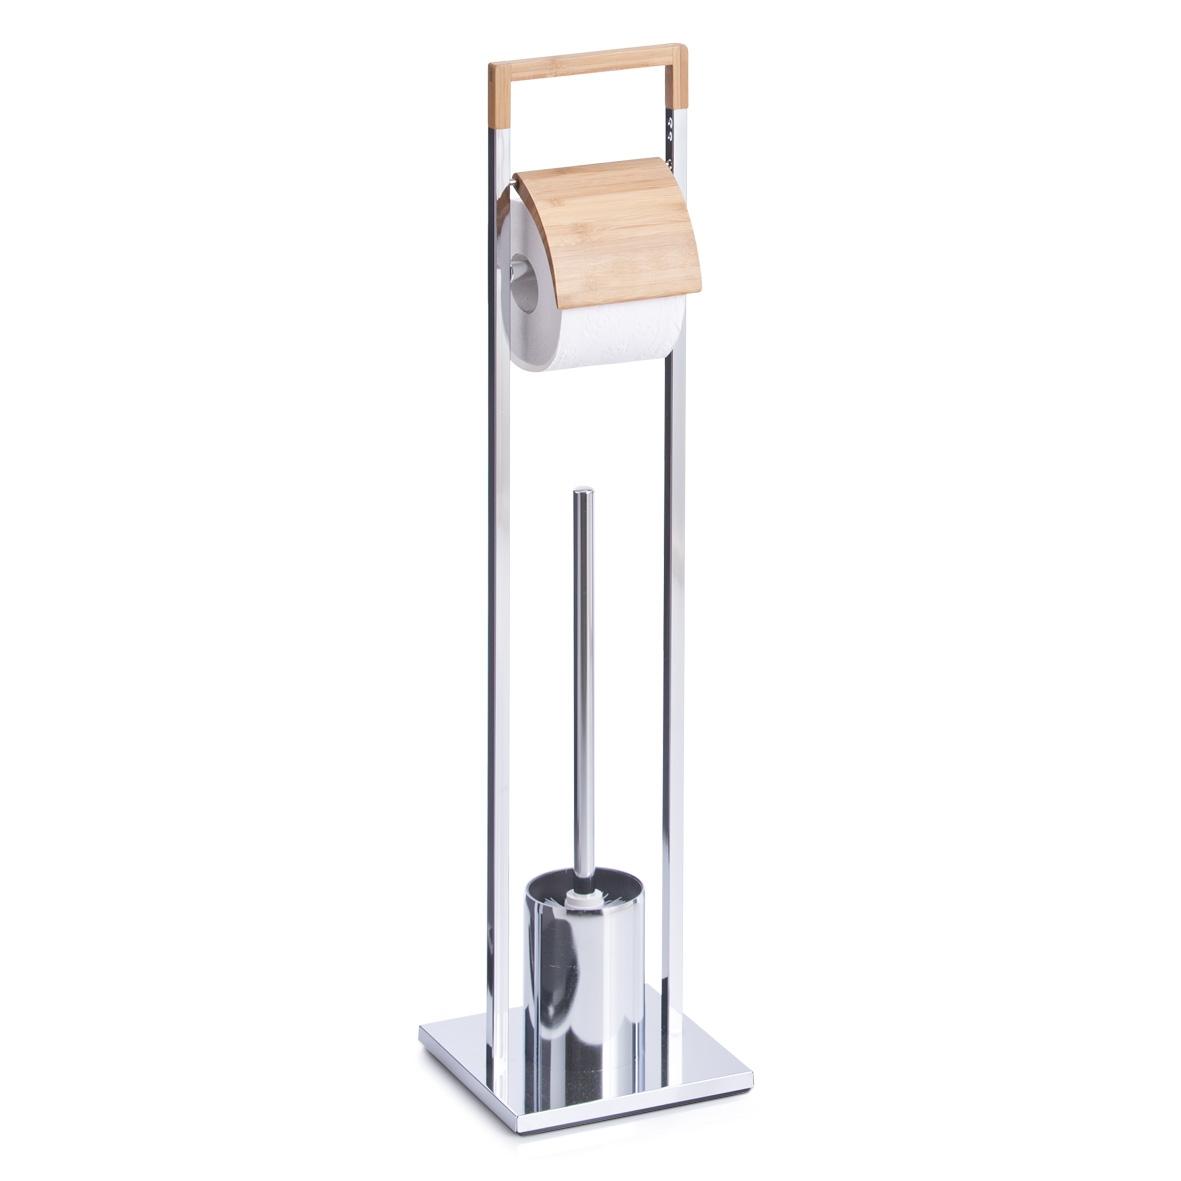 Suport pentru hartie igienica si perie de toaleta, Bamboo Metal cromat, l18,5xA18,5xH75 cm din categoria Baie